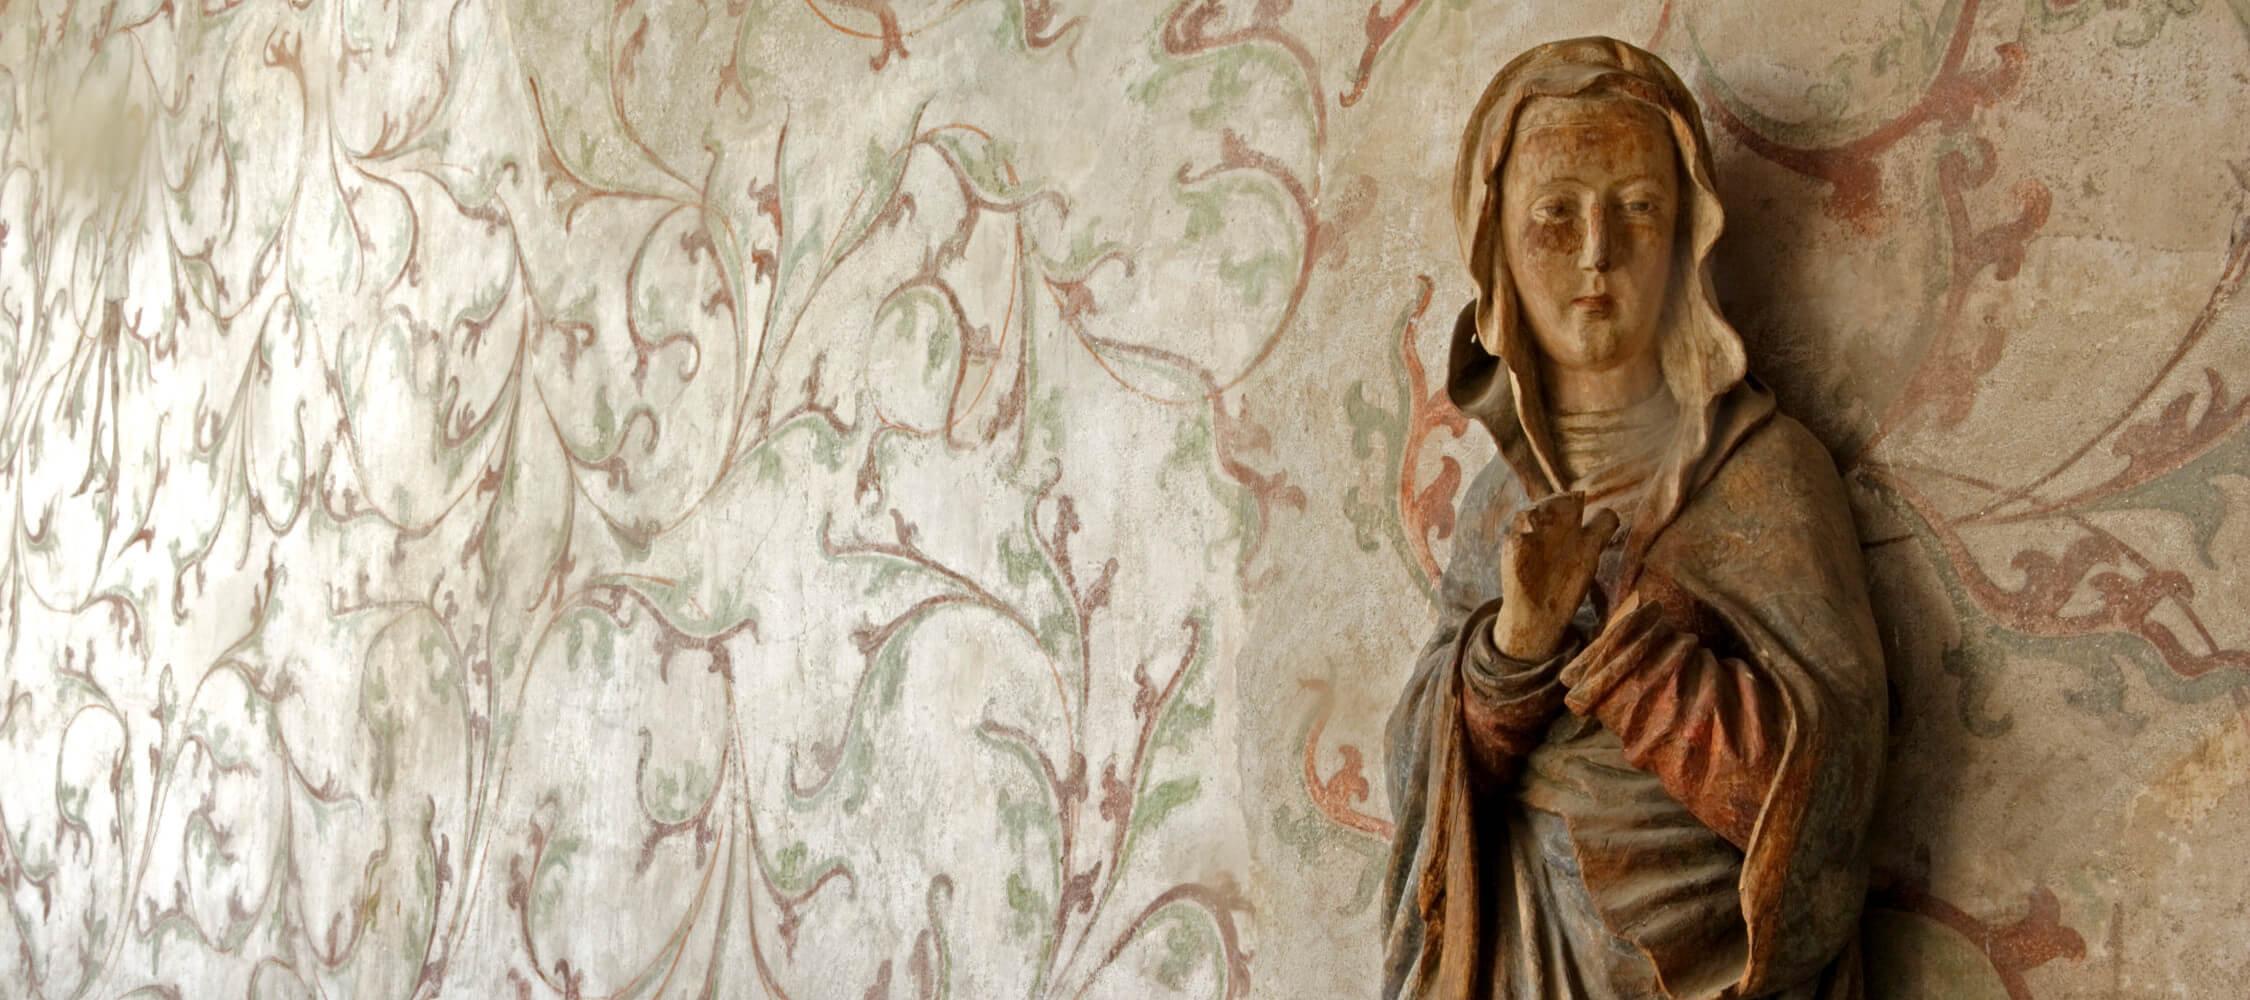 Italien-Trentino_Suedtirol_Alto_Adige_Merano_Meran_Besichtigen_Kultur_Museum_Landesfuerstliche_Burg_Kurverwaltung_MGM-Frieder Blickle_mgm01182mgm_2250x1000